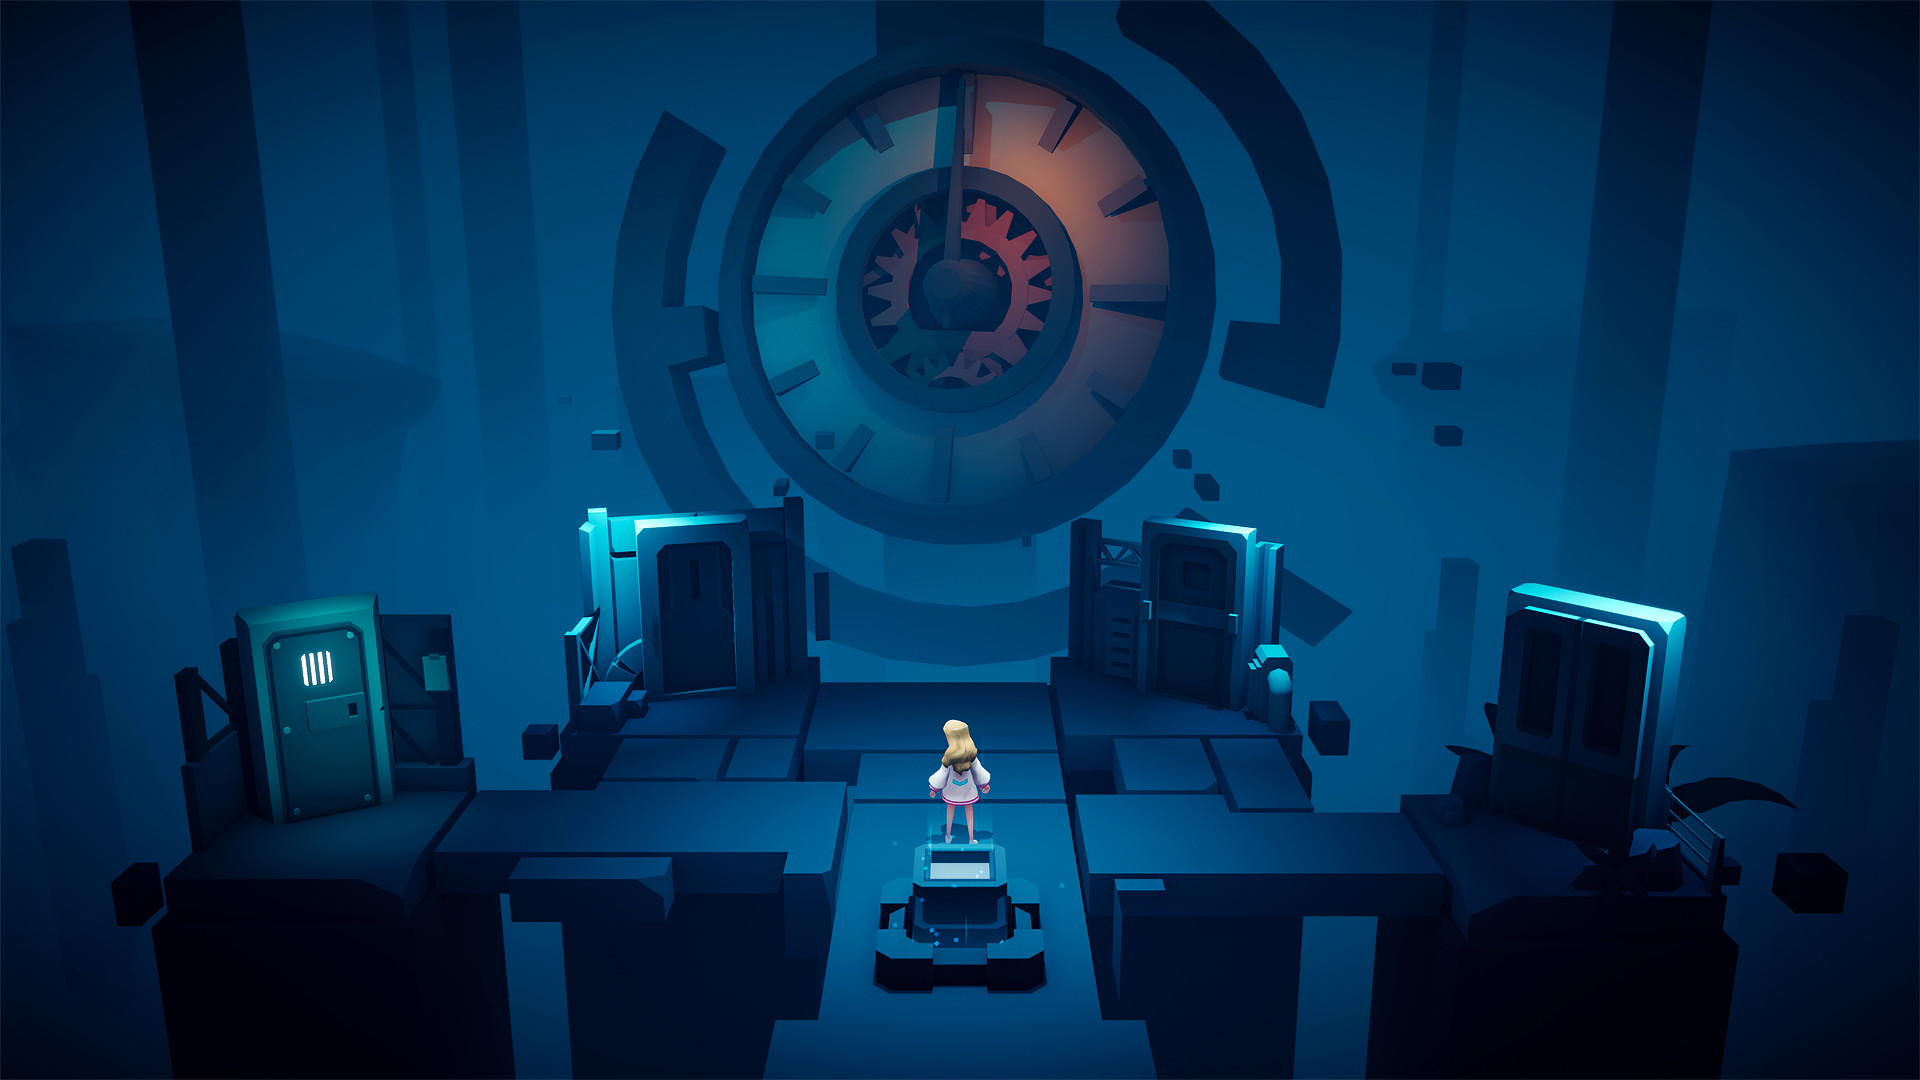 Timelie - a petite fille face à une drôle d'horloge